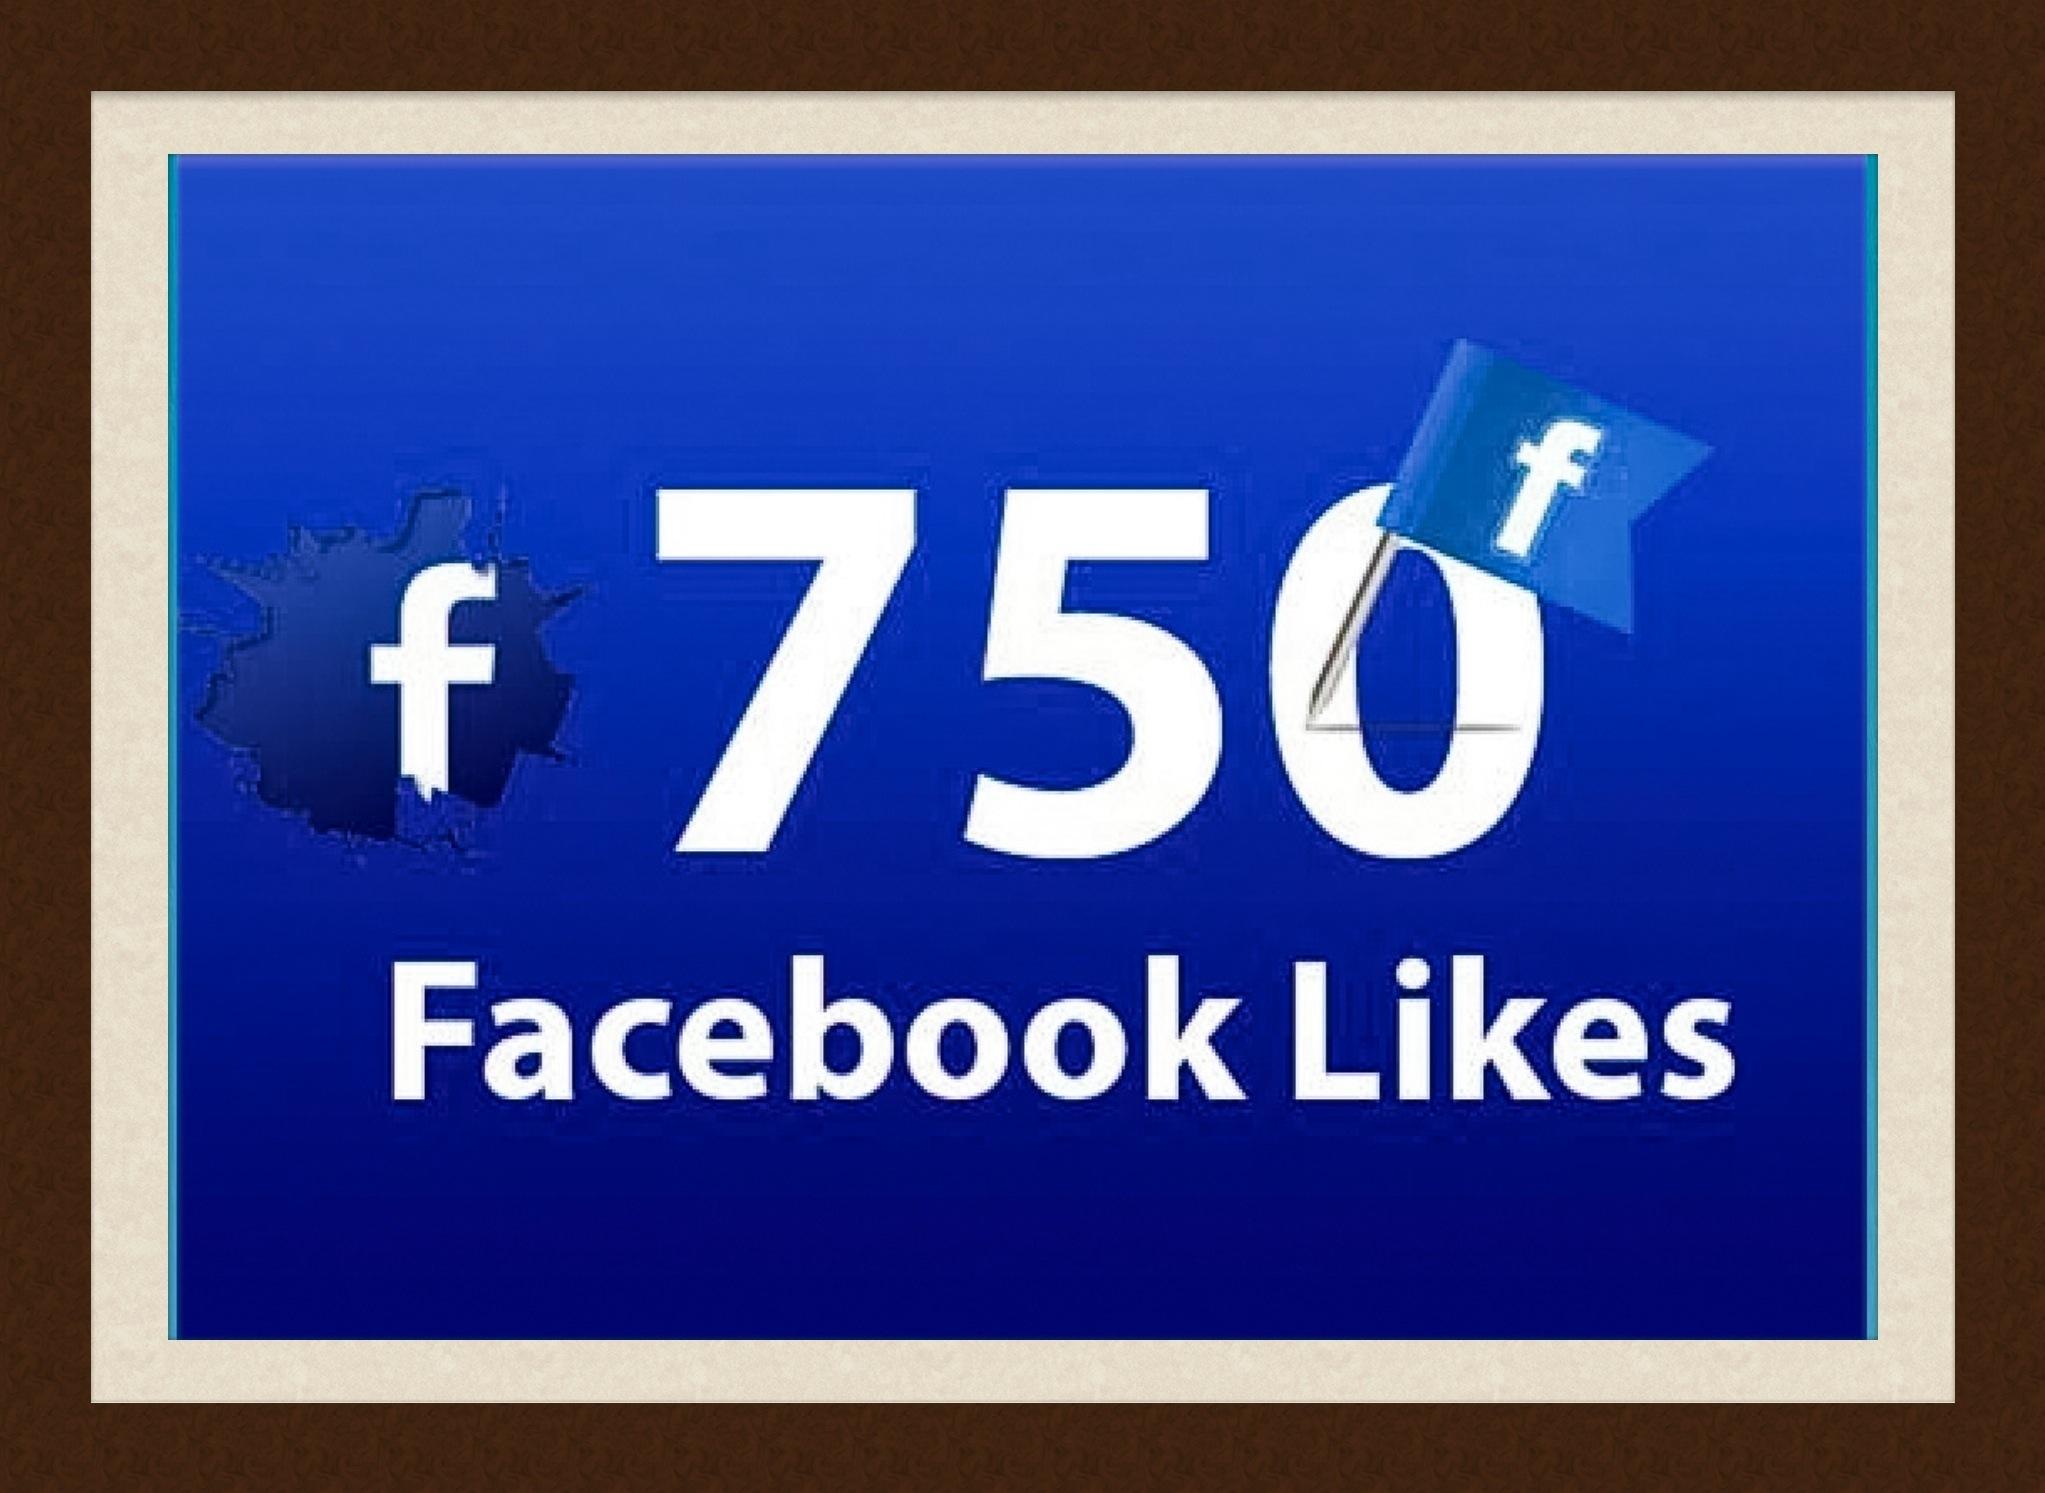 Celebrating 750 FaceBook Likes